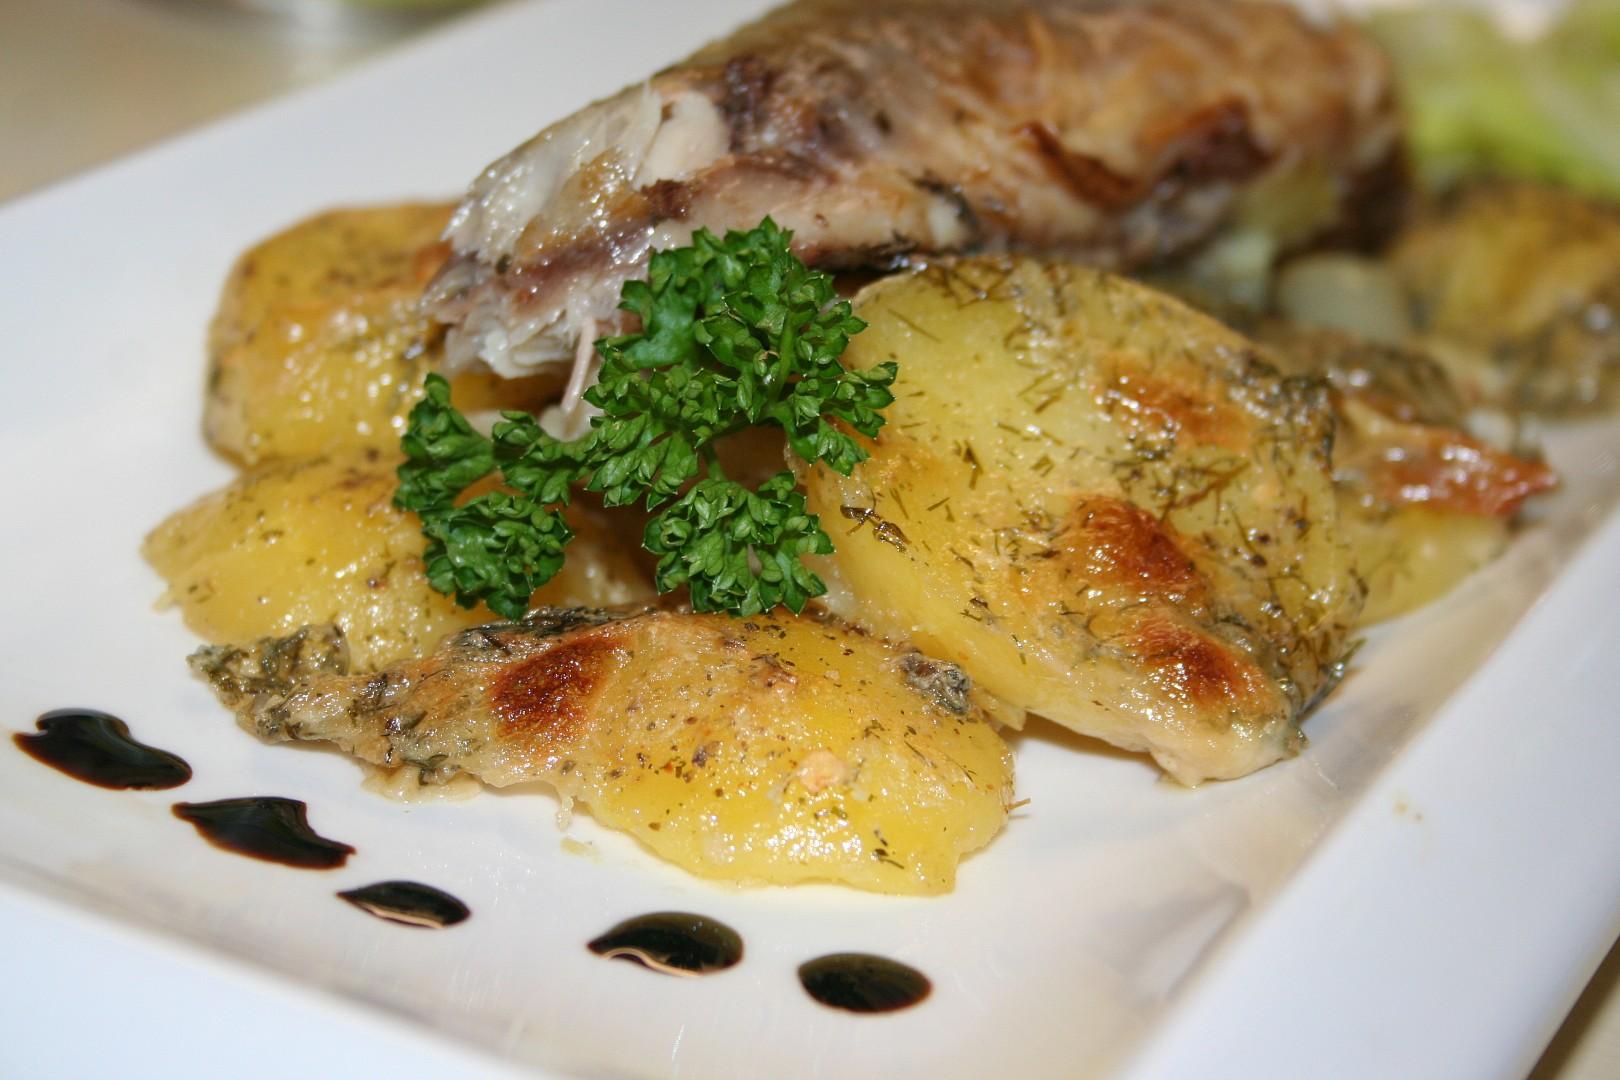 Pečená uzená makrela s cibulí a koprovými brambory